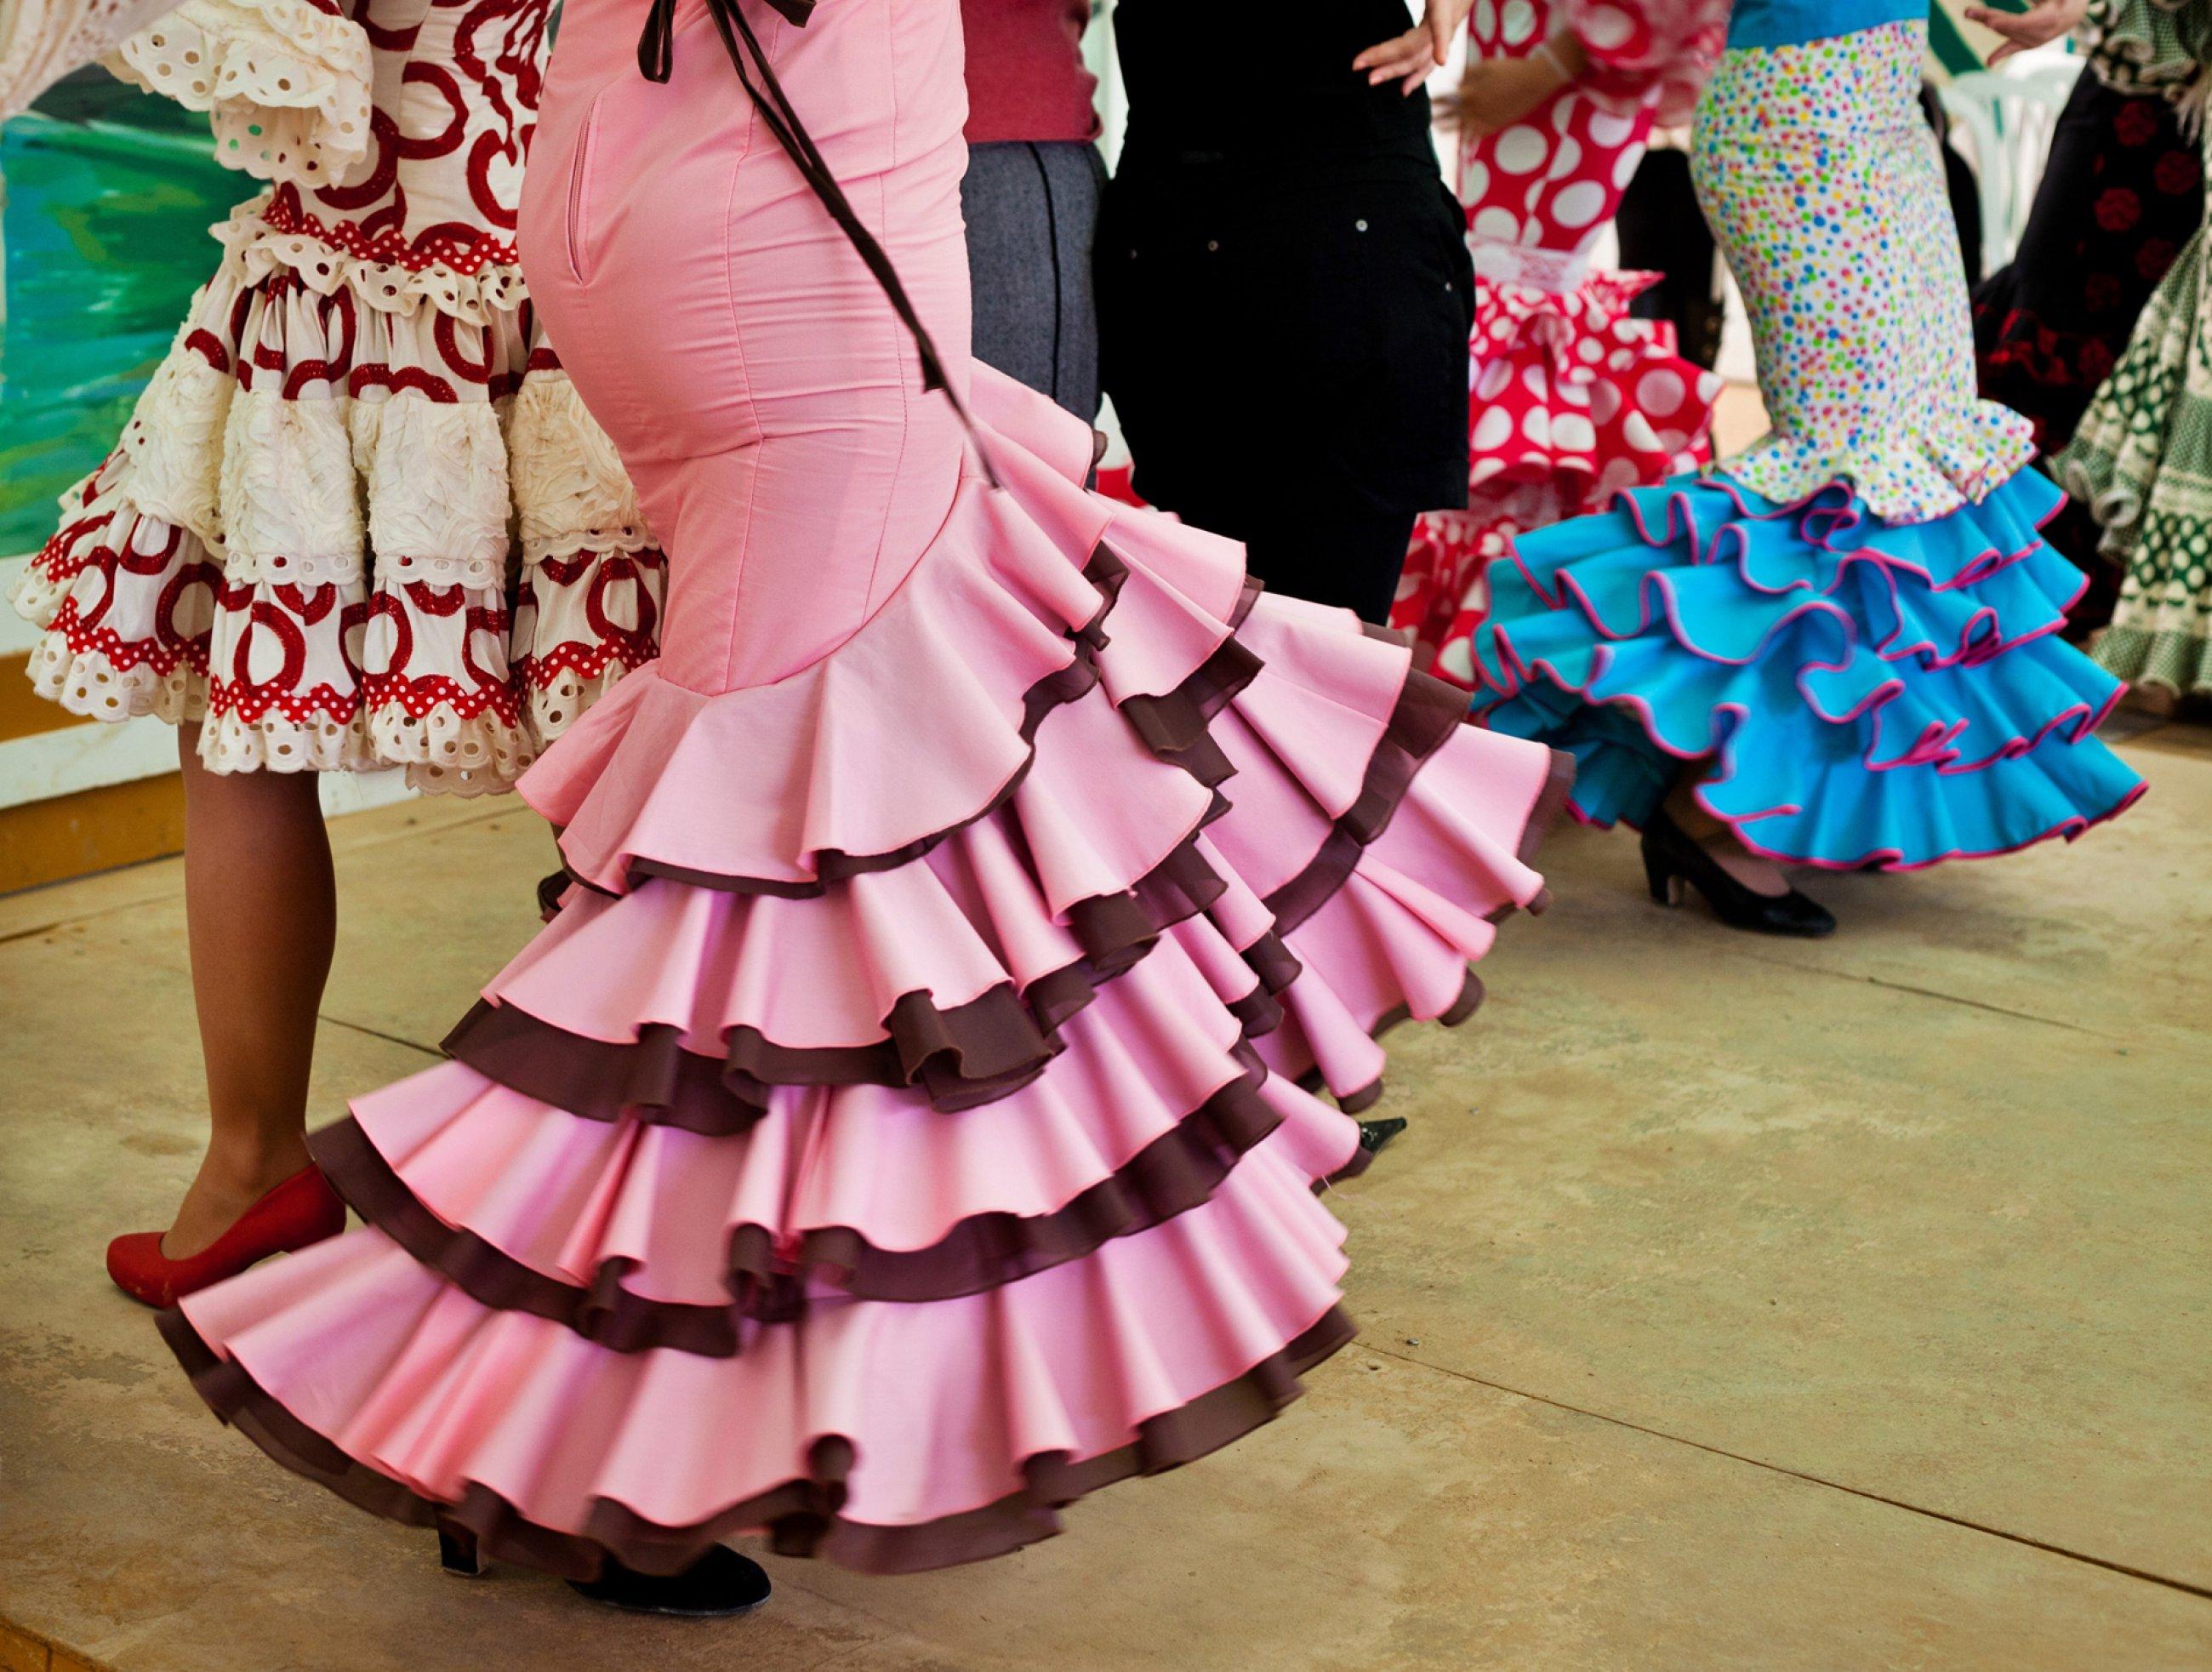 https://bubo.sk/uploads/galleries/5051/282-283-vo-spanielsko-flamenco.jpg